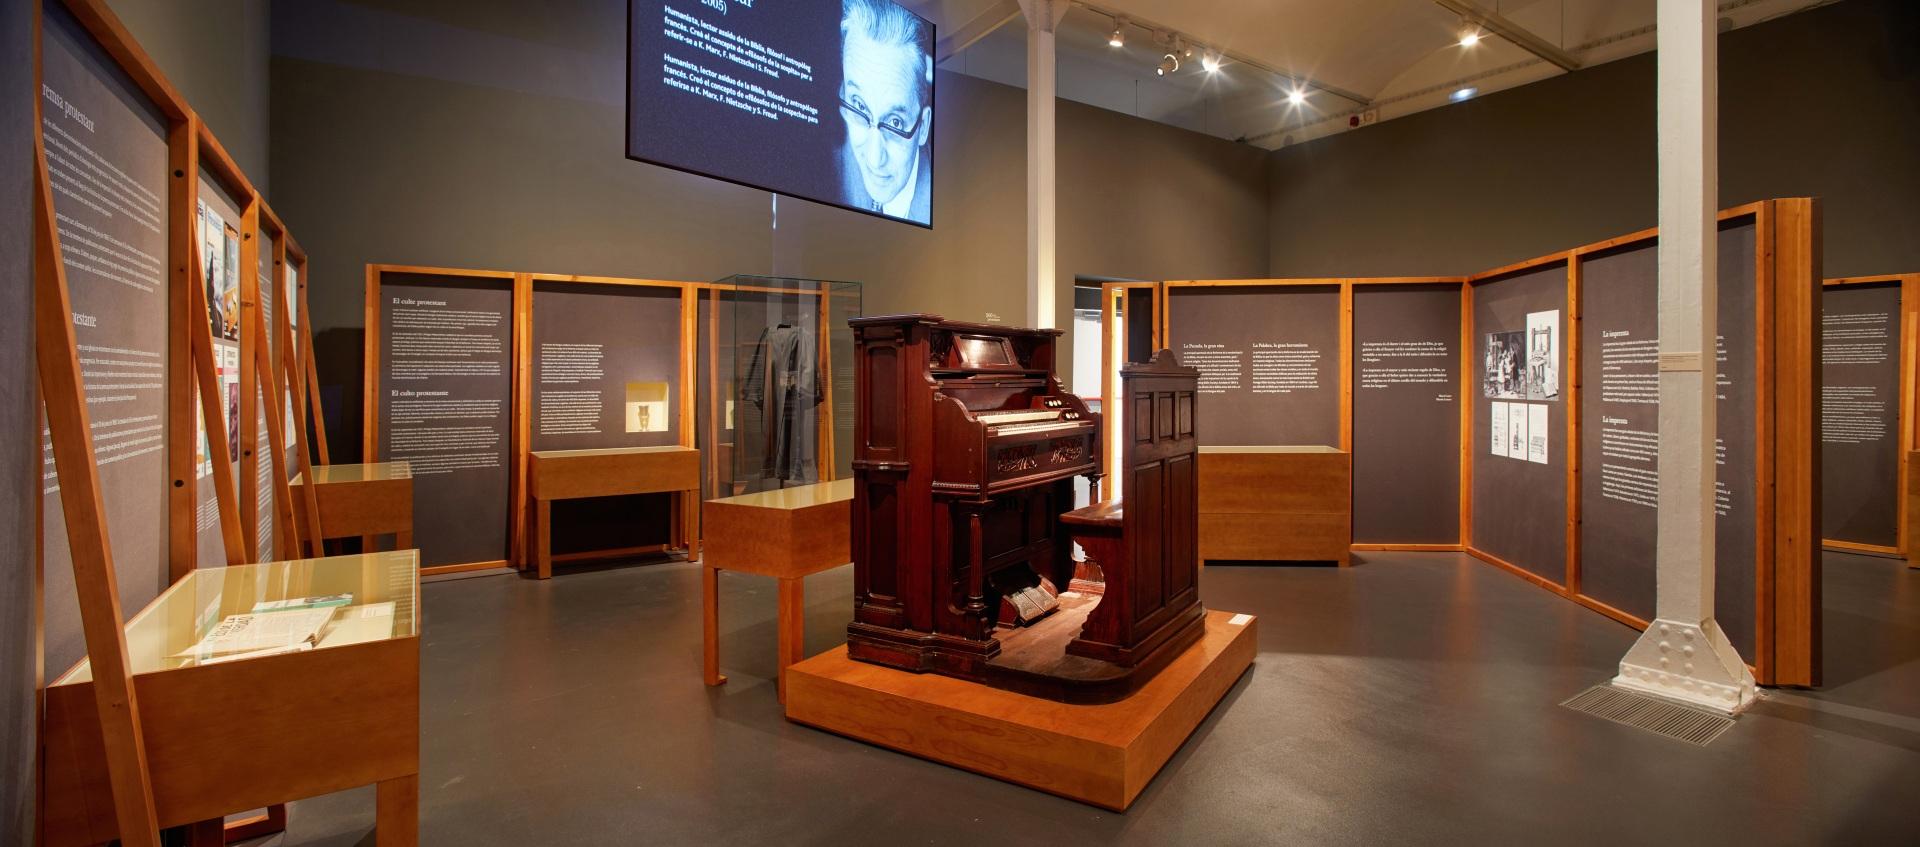 Exposición protestantes Caixaforum. Armónium antiguo de madera, proyección audiovisual y toga. De fondo, paneles explicativos y vitrinas.